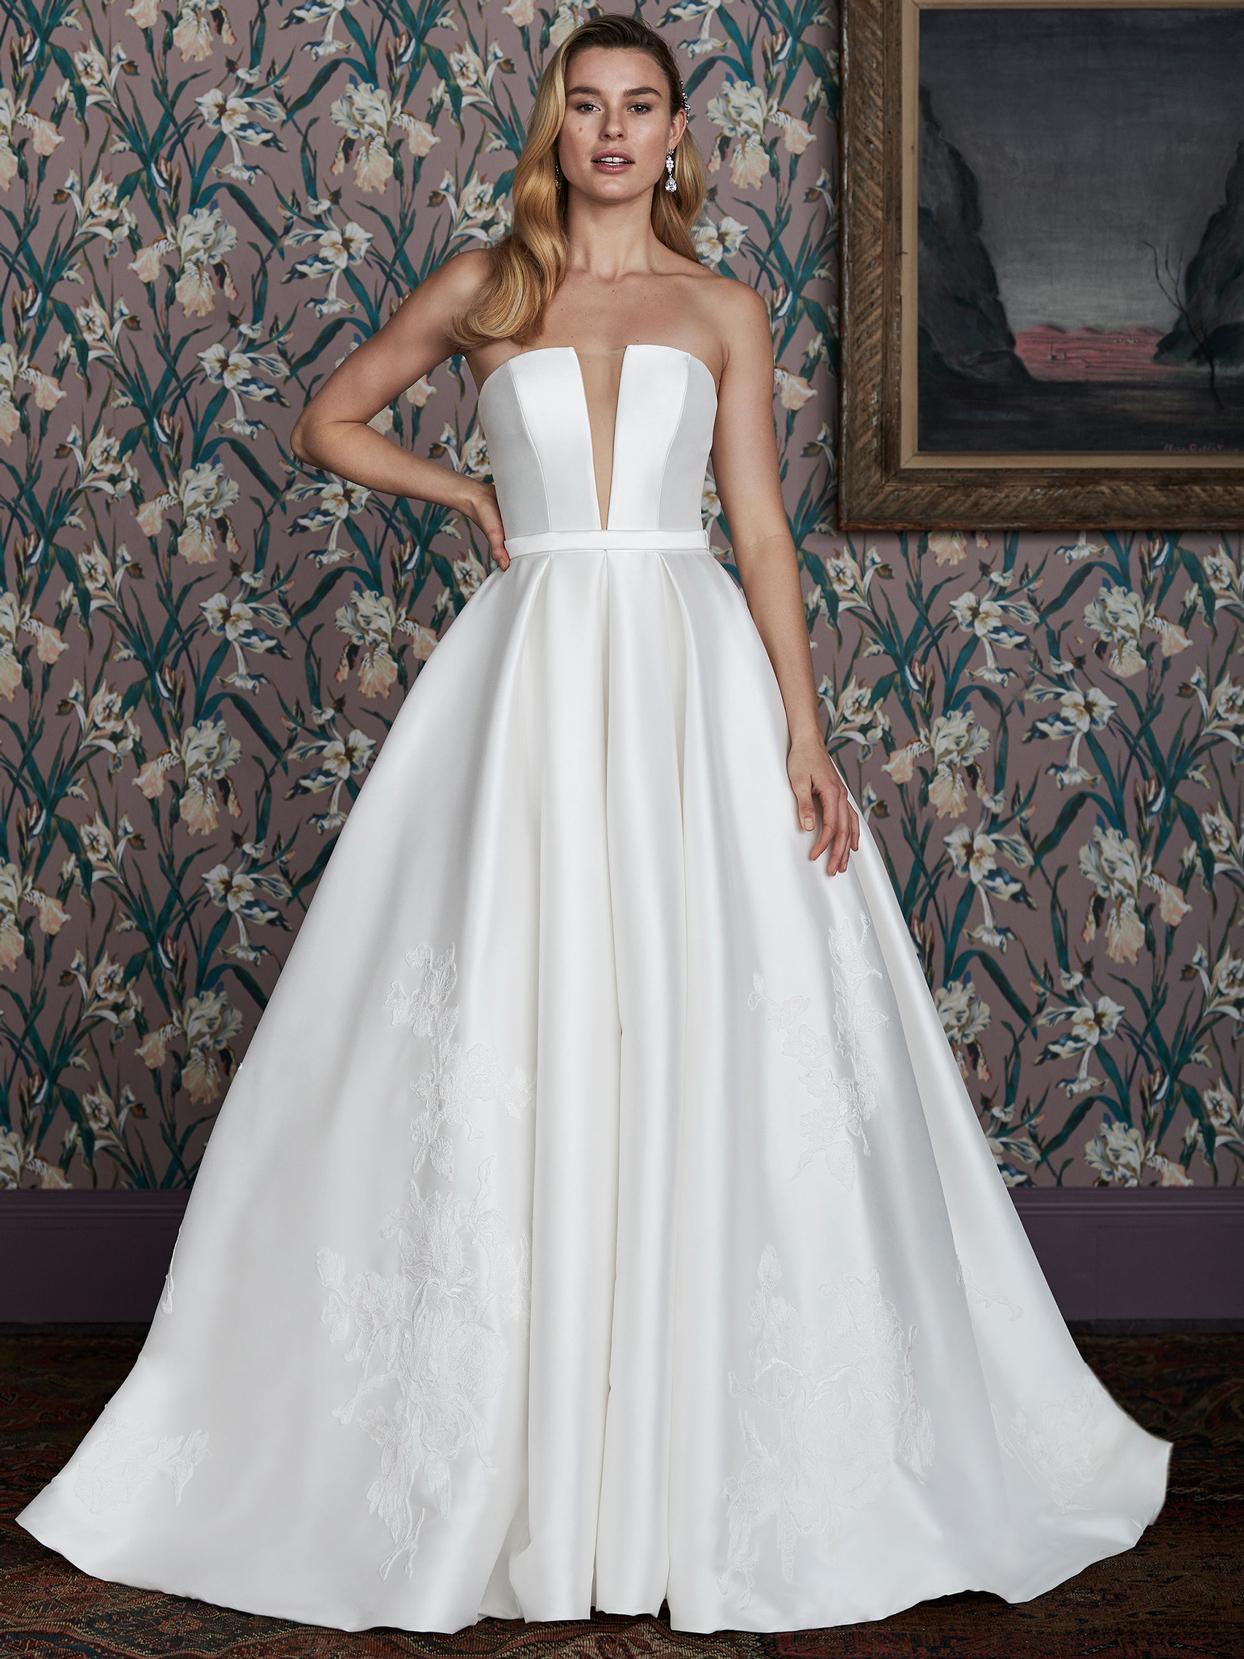 justin alexander strapless plunging v-neck wedding dress spring 2021